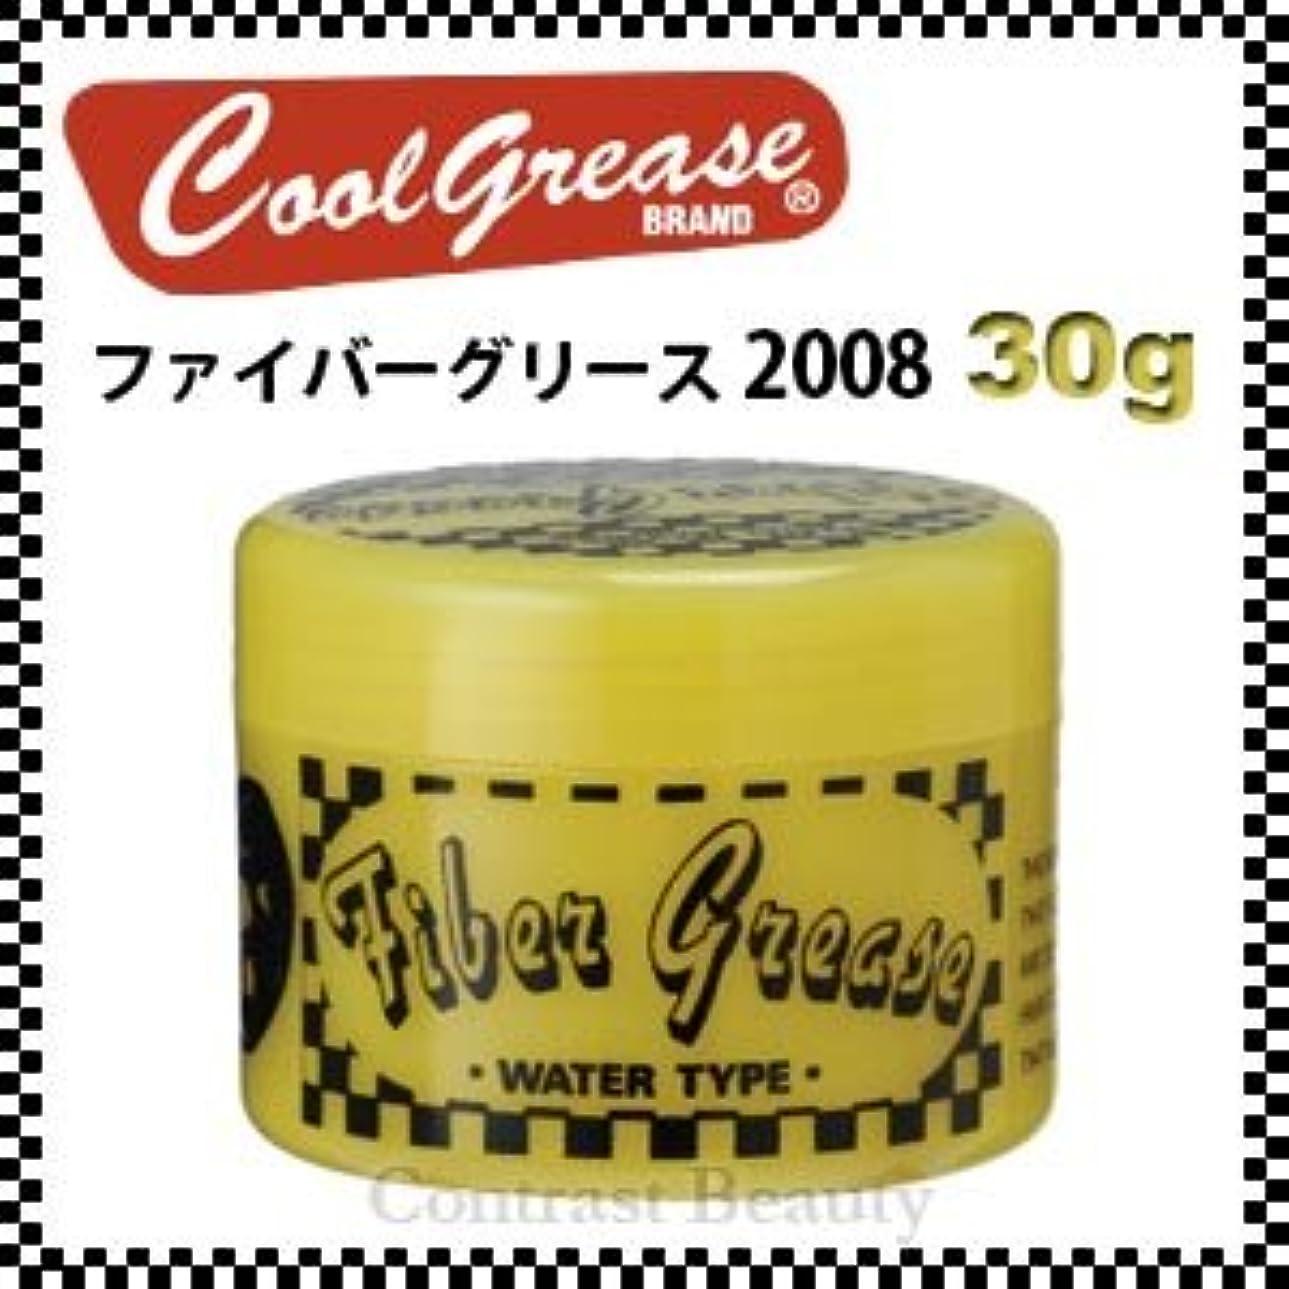 吹雪姿を消すオンス【X3個セット】 阪本高生堂 ファイバーグリース 2008 30g